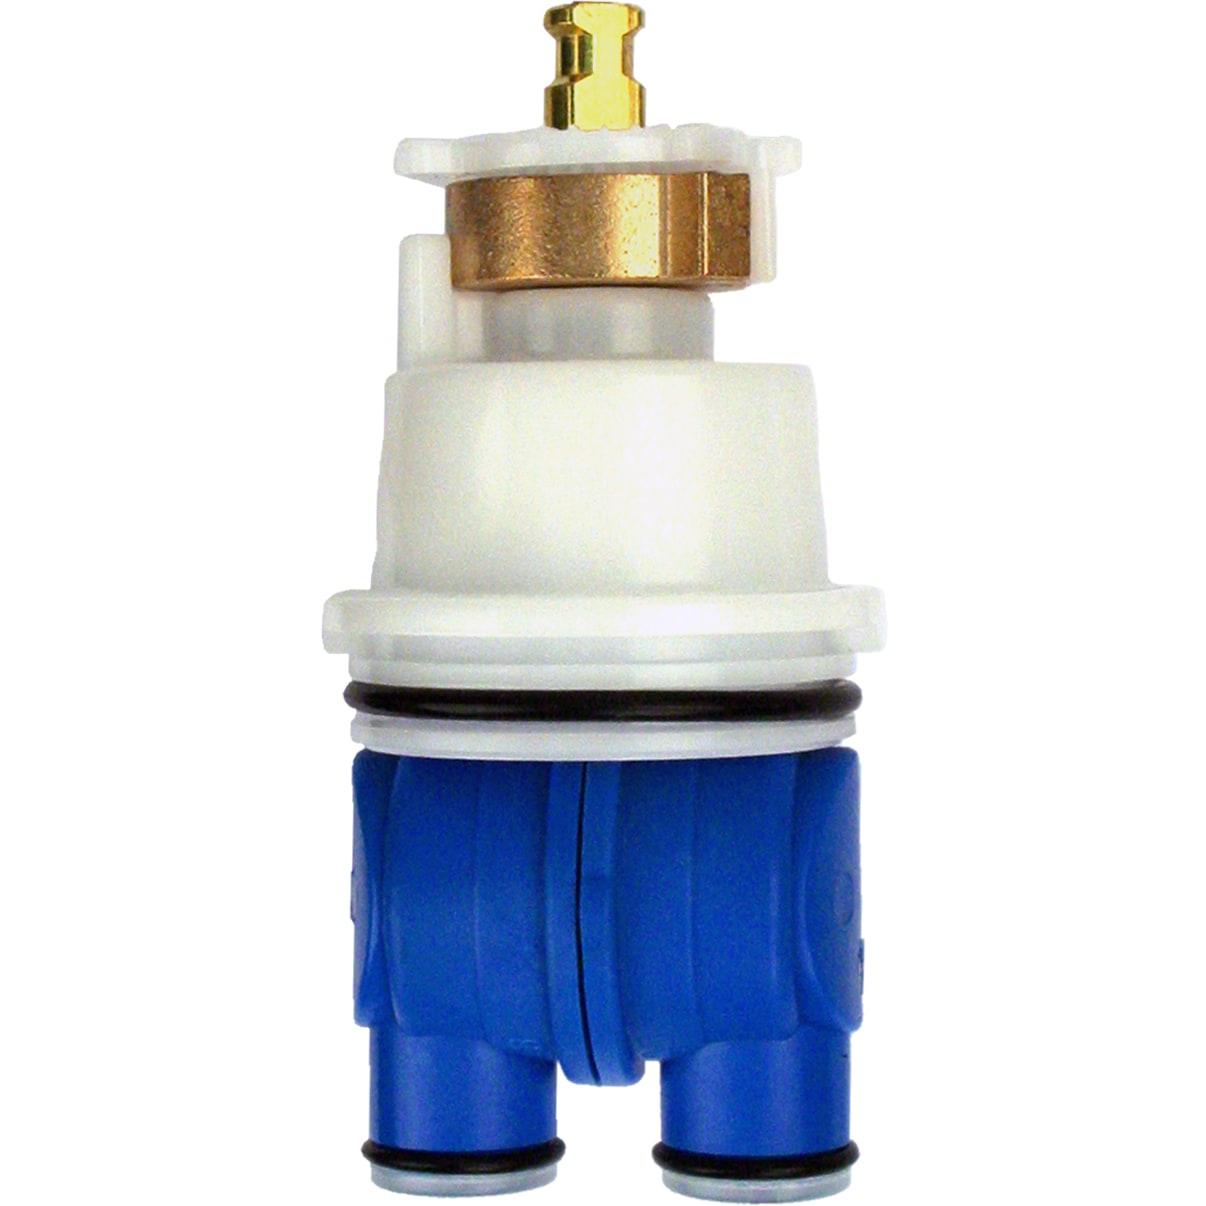 Jensen Delta Genuine Parts RP19804 Cartridge Pressure Bal...